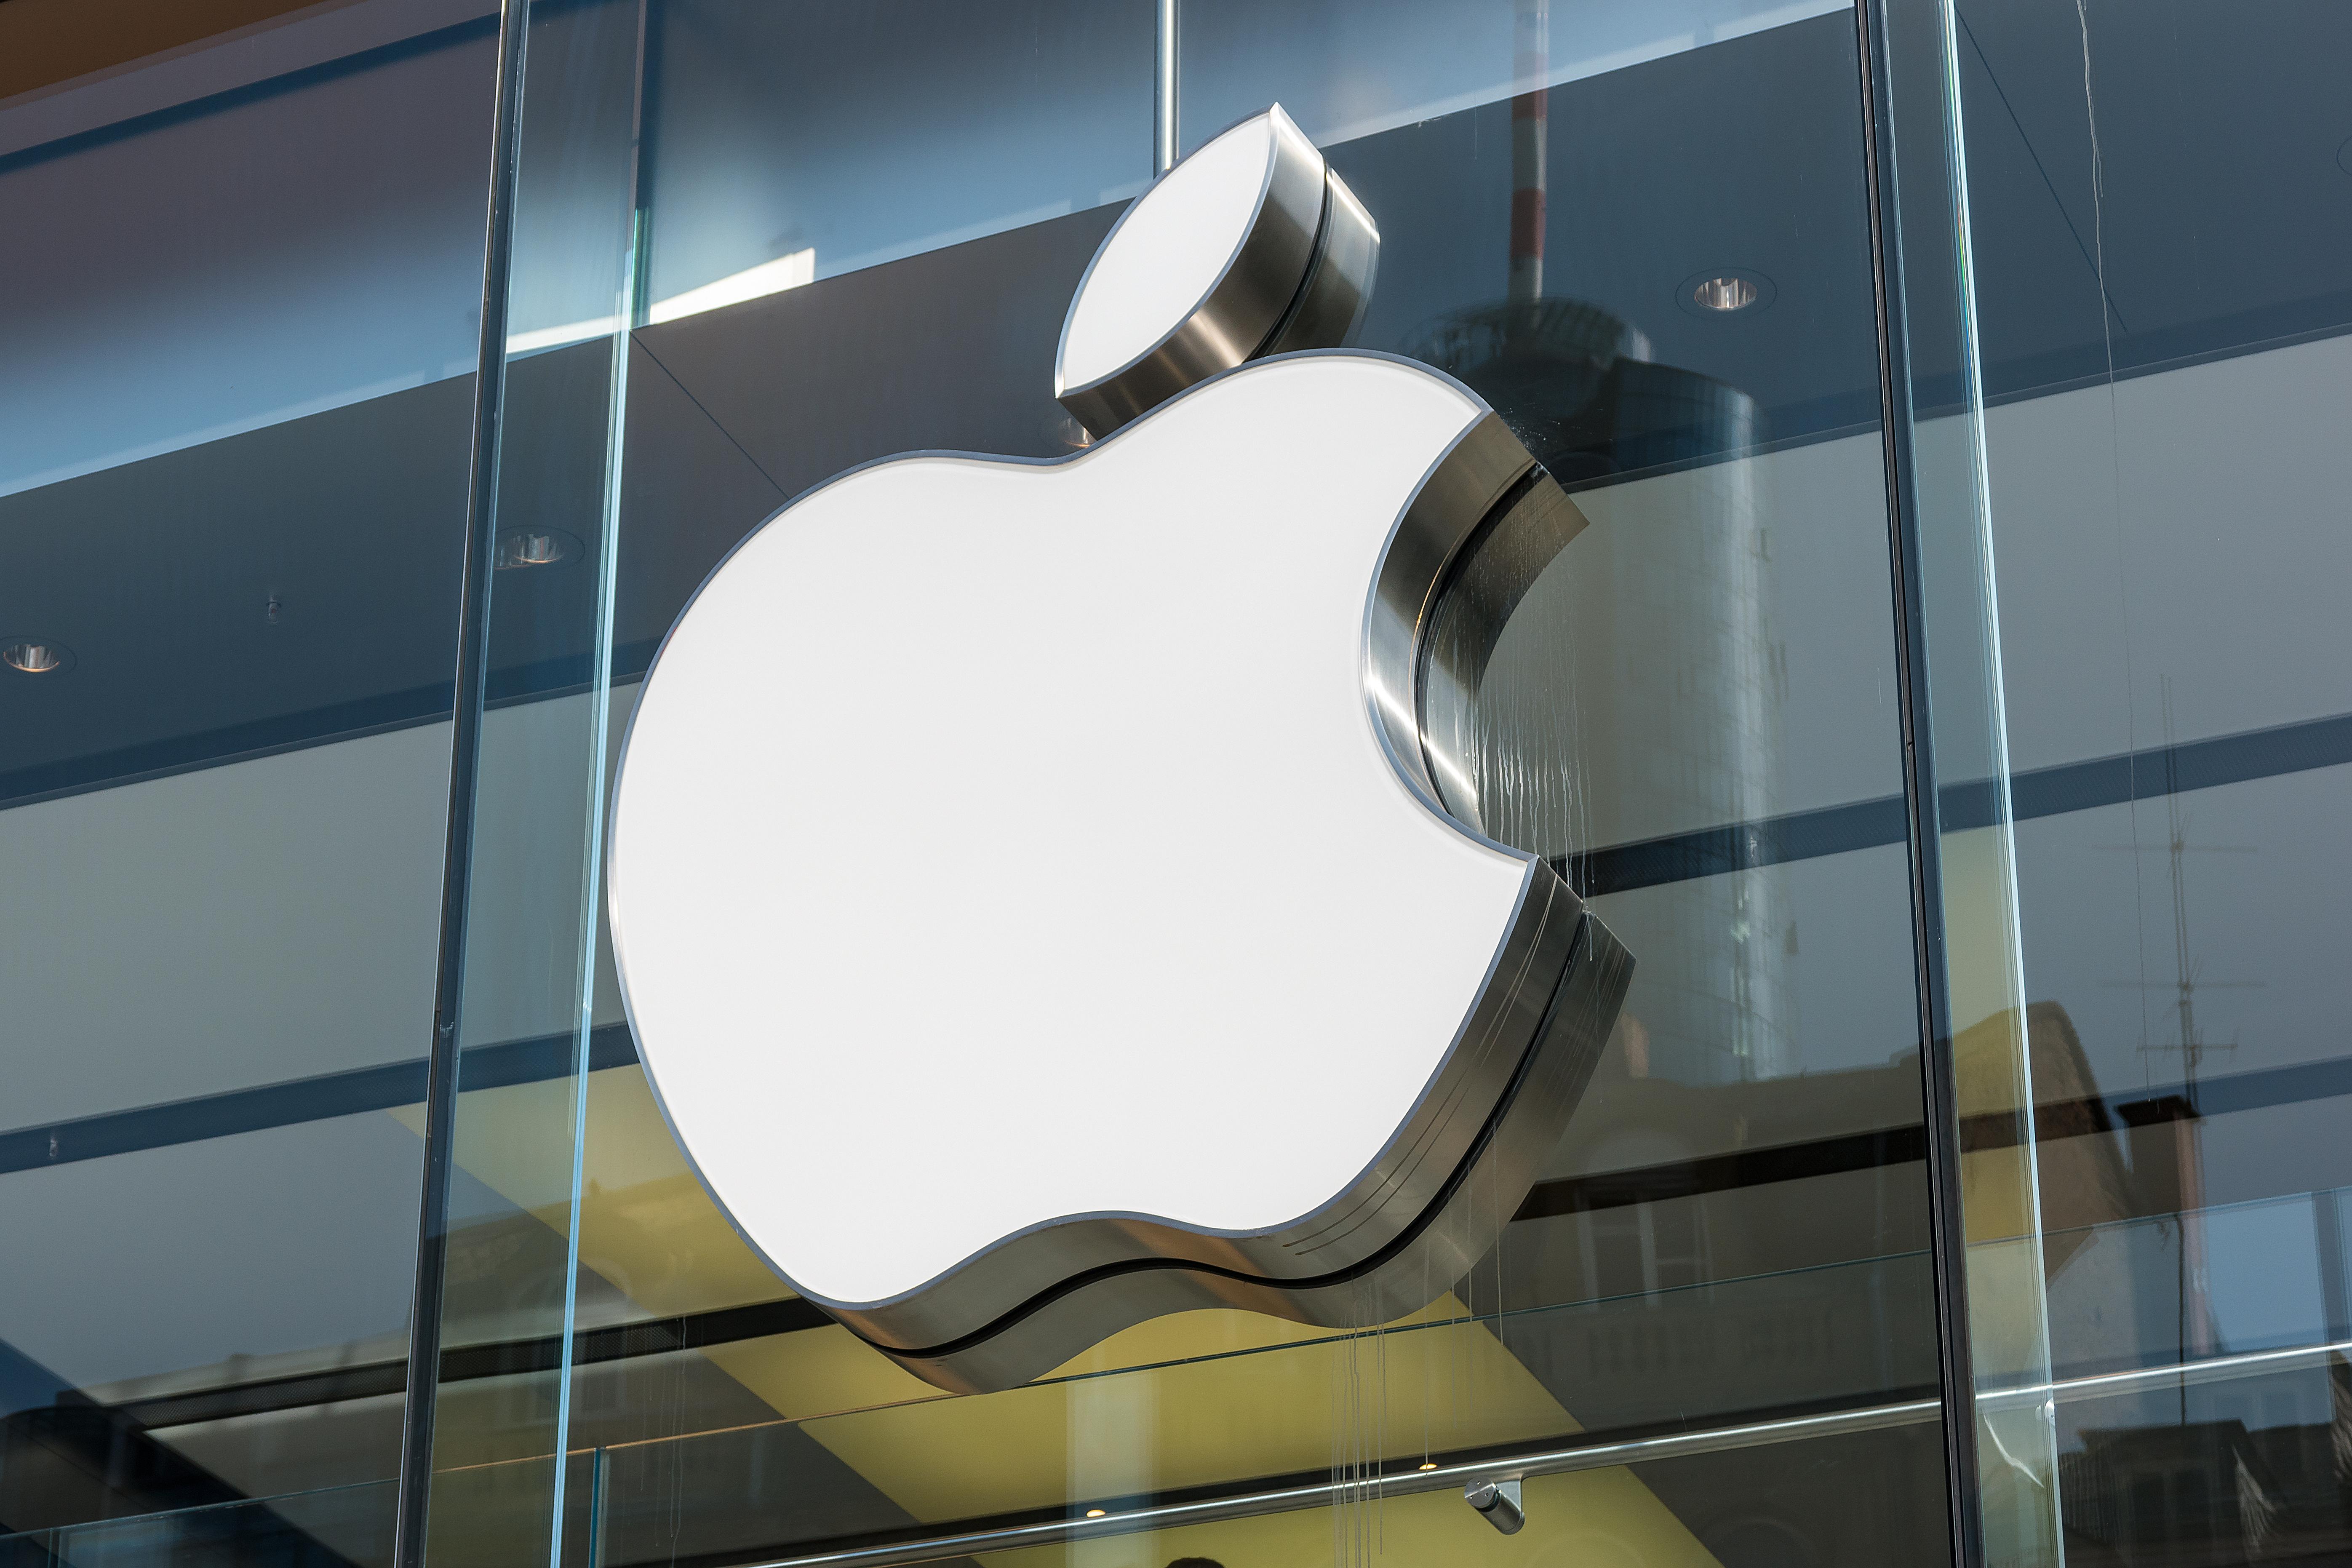 Apple a lansat iOS 14.5, cu un nou sistem de protejare a intimităţii. Care sunt avantajele